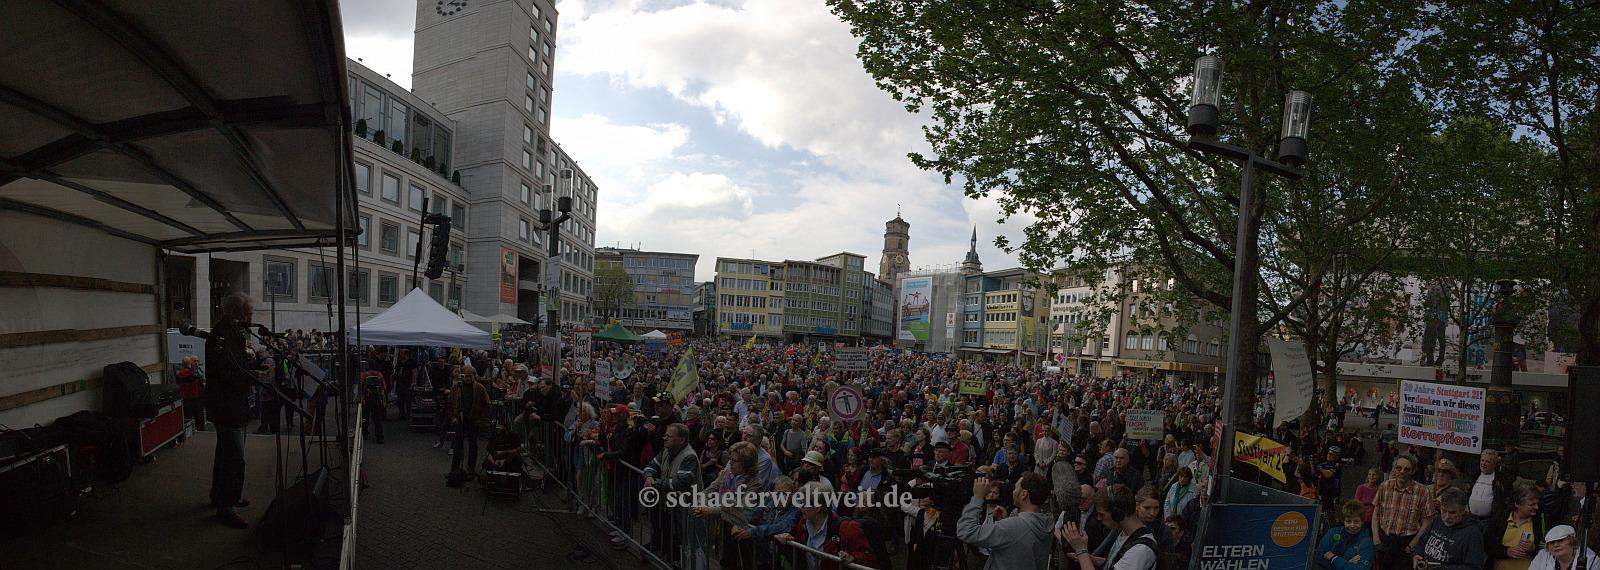 ©2014 Alexander Schäfer - Kundgebung im Rahmen der KOPFmachenKonferenz